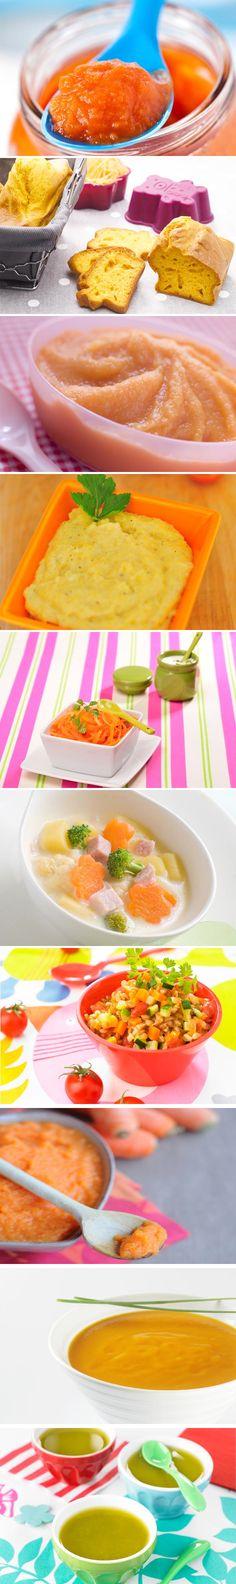 Recettes pour bébé à la carotte. Plus de recettes pour bébé sur www.enviedebienmanger.fr/idees-recettes/recettes-pour-bebe